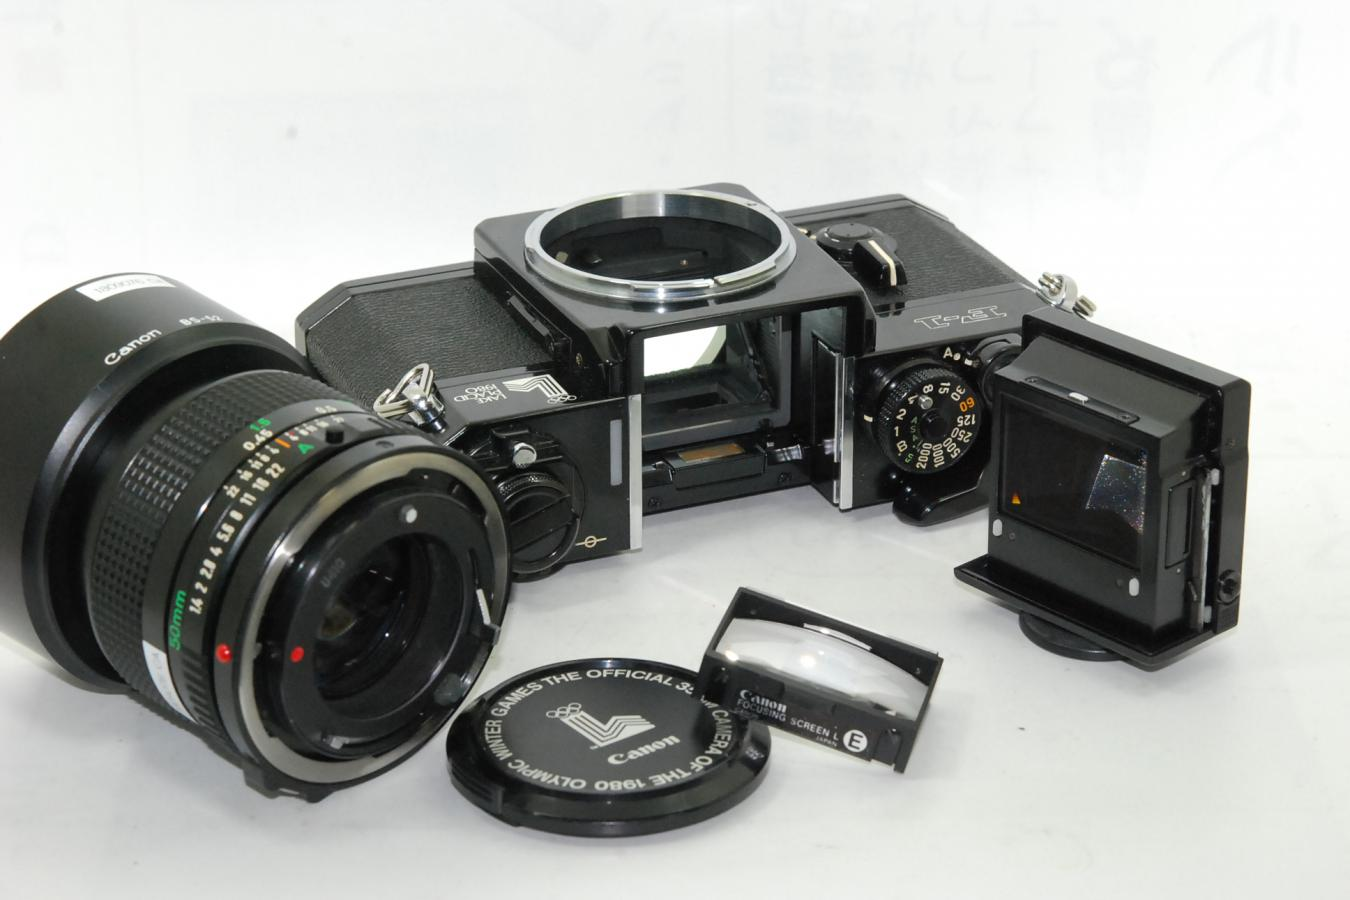 【珍 品】 キャノン F-1 LAKE PLACID 1980 記念モデル NEW FD 50/1.4付 【純正オリンピック記念レンズキャップ、フードBS-52付】